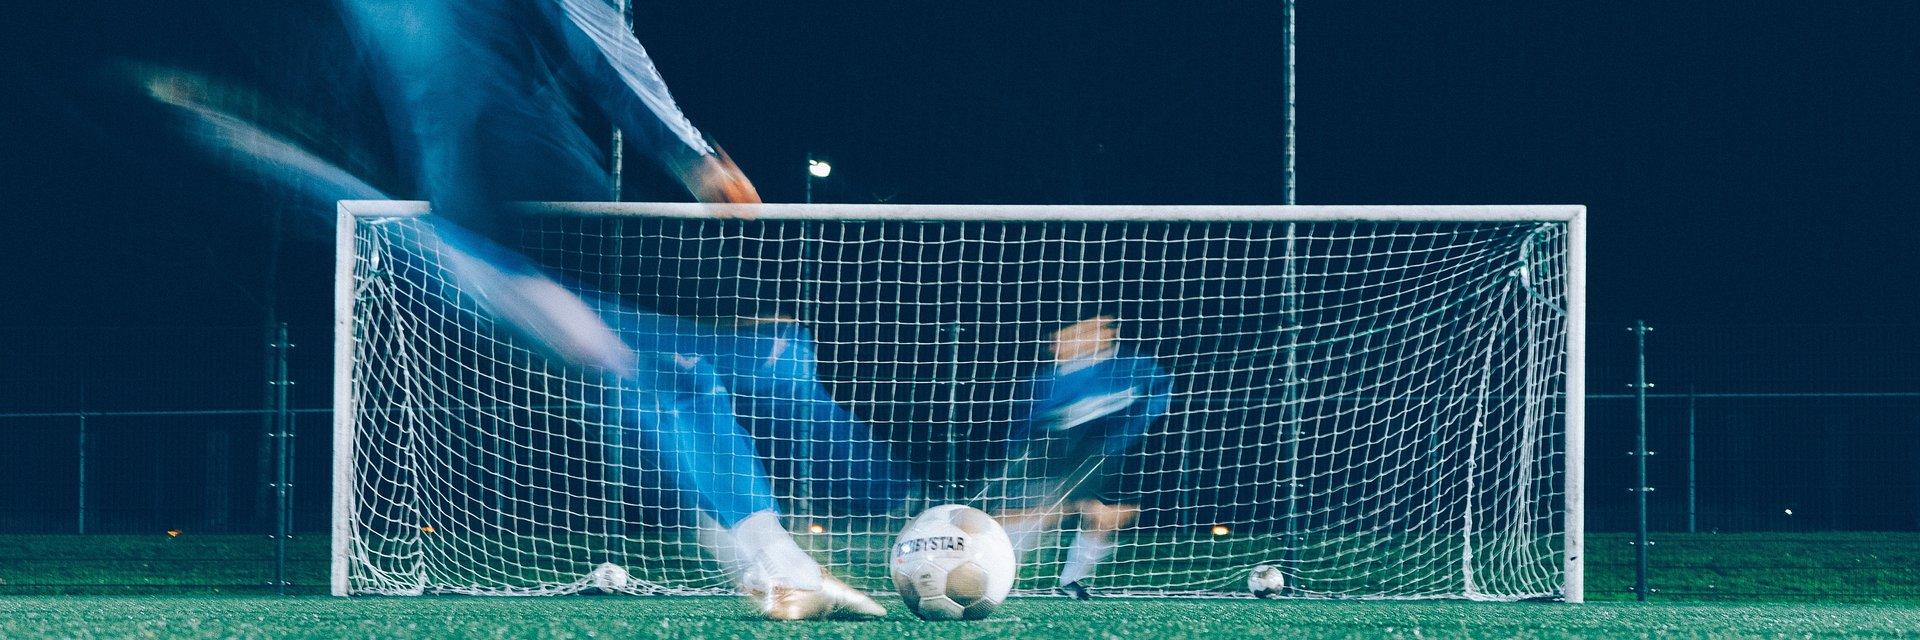 Marketing sportowy 4.0 – 7 złotych zasad social media w piłce nożnej cz. 2